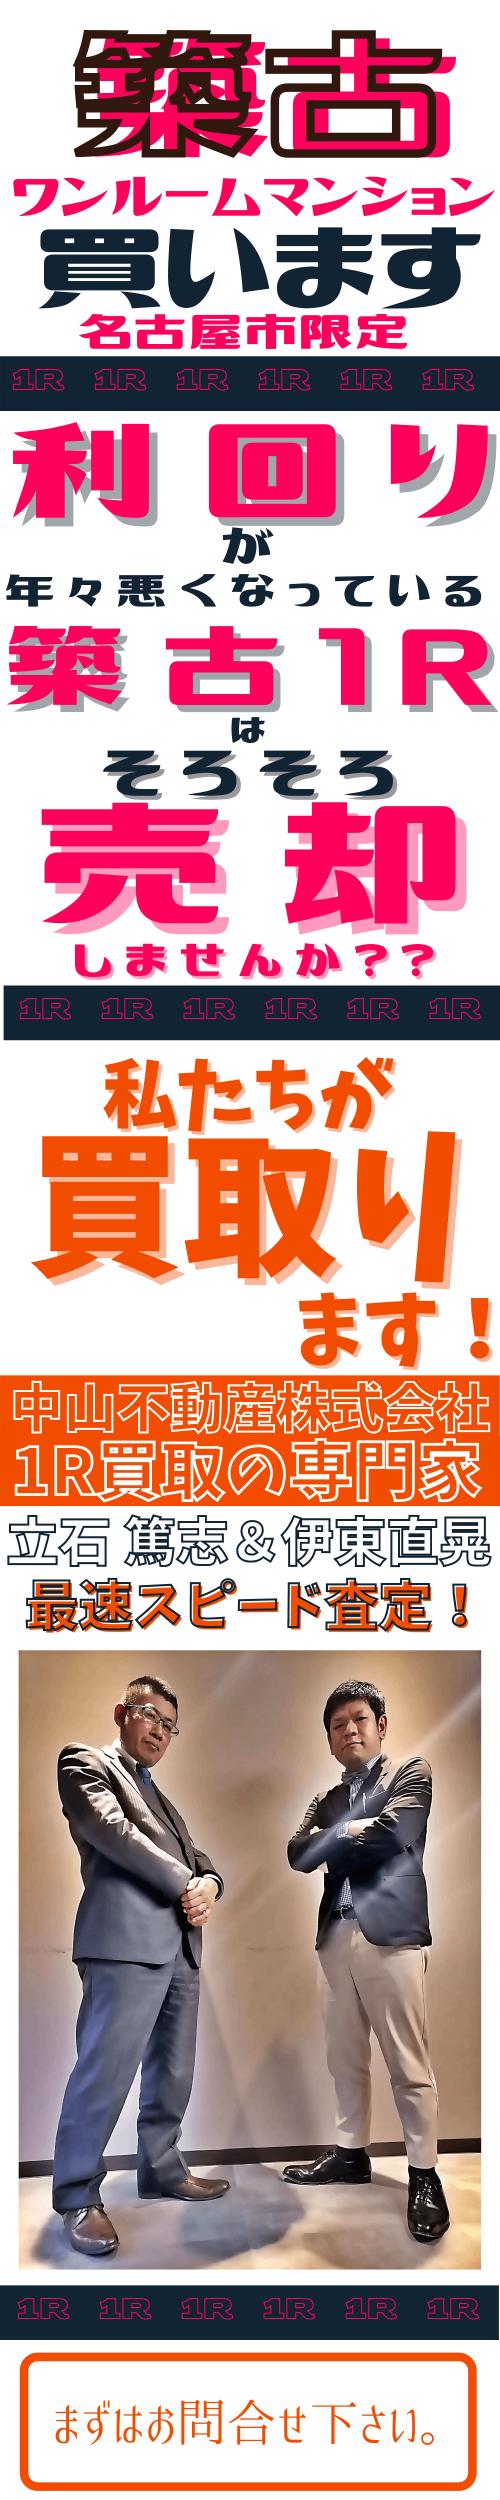 名古屋市内の築古ワンルームマンション買取をスピード査定&買取強化中